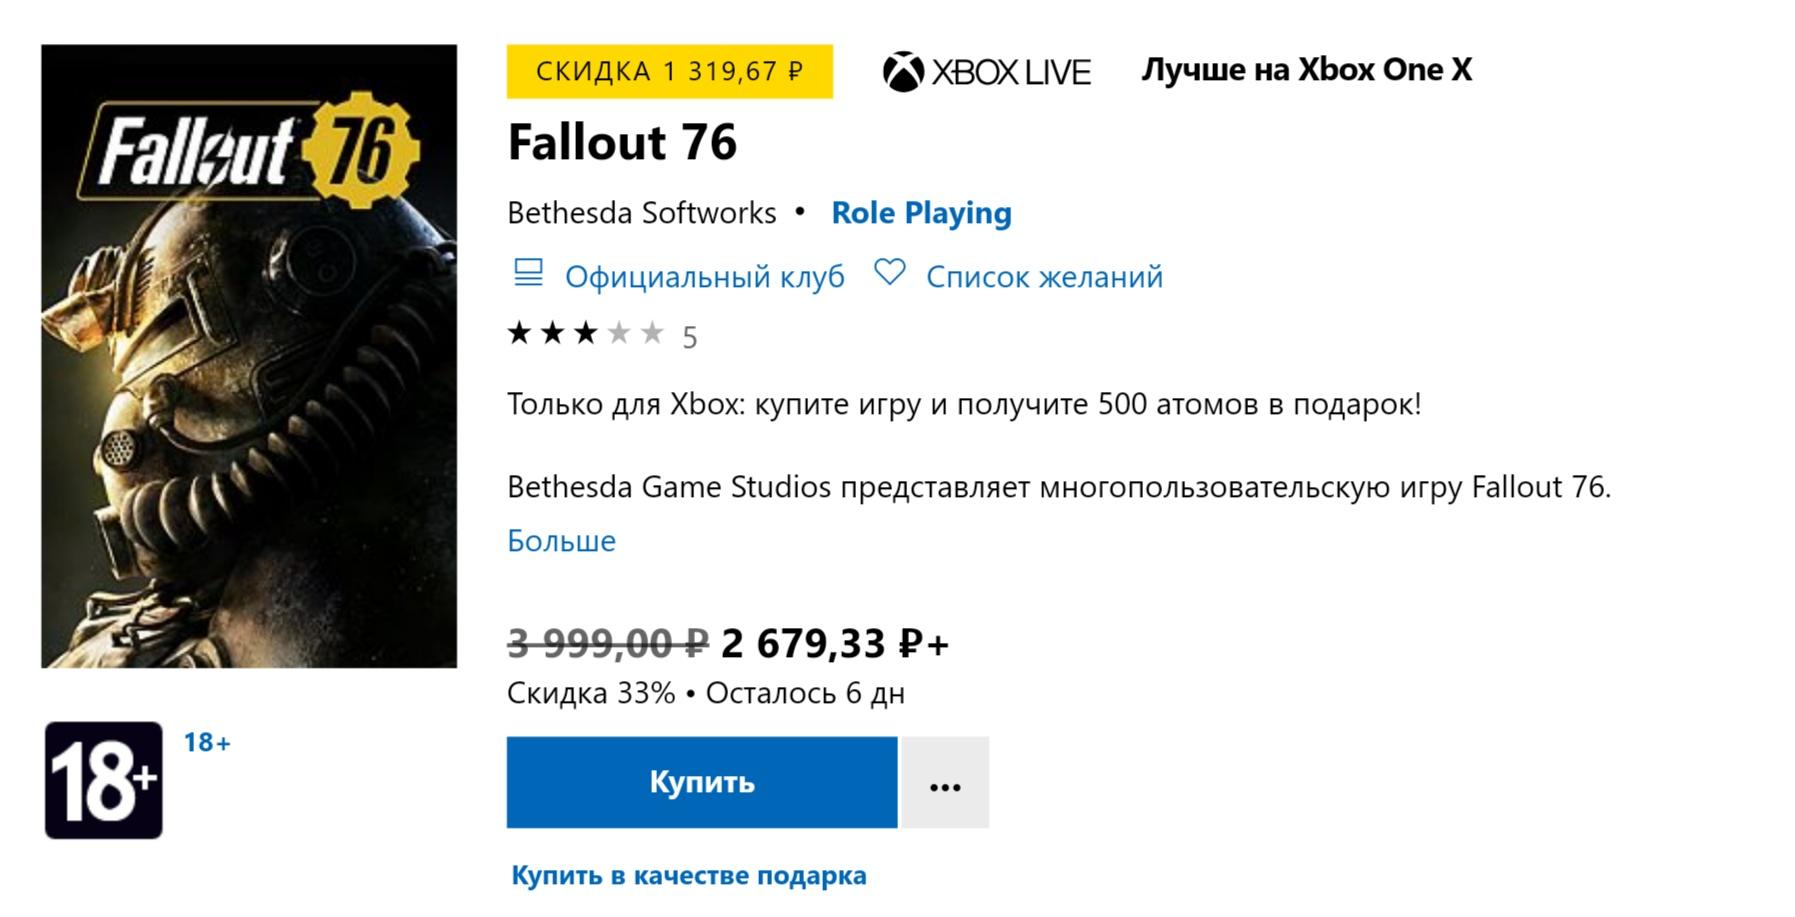 Скидка на Fallout76 Xbox One